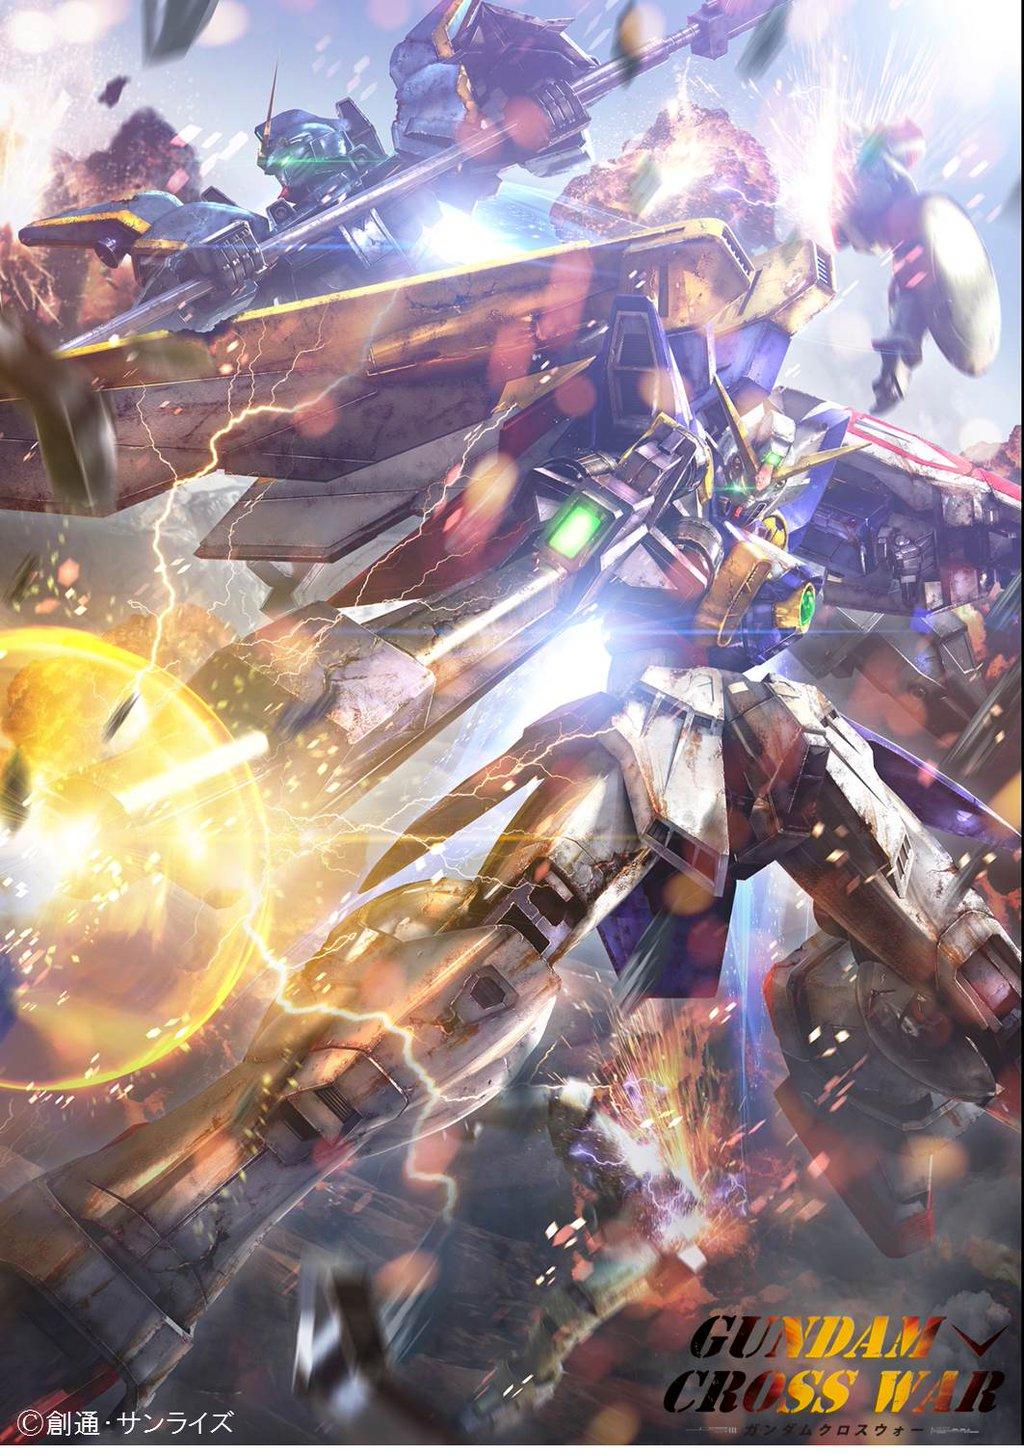 Gundam Cross War Mobile Phone Size Wallpapers - Gundam Iron Blooded Orphans Iphone , HD Wallpaper & Backgrounds